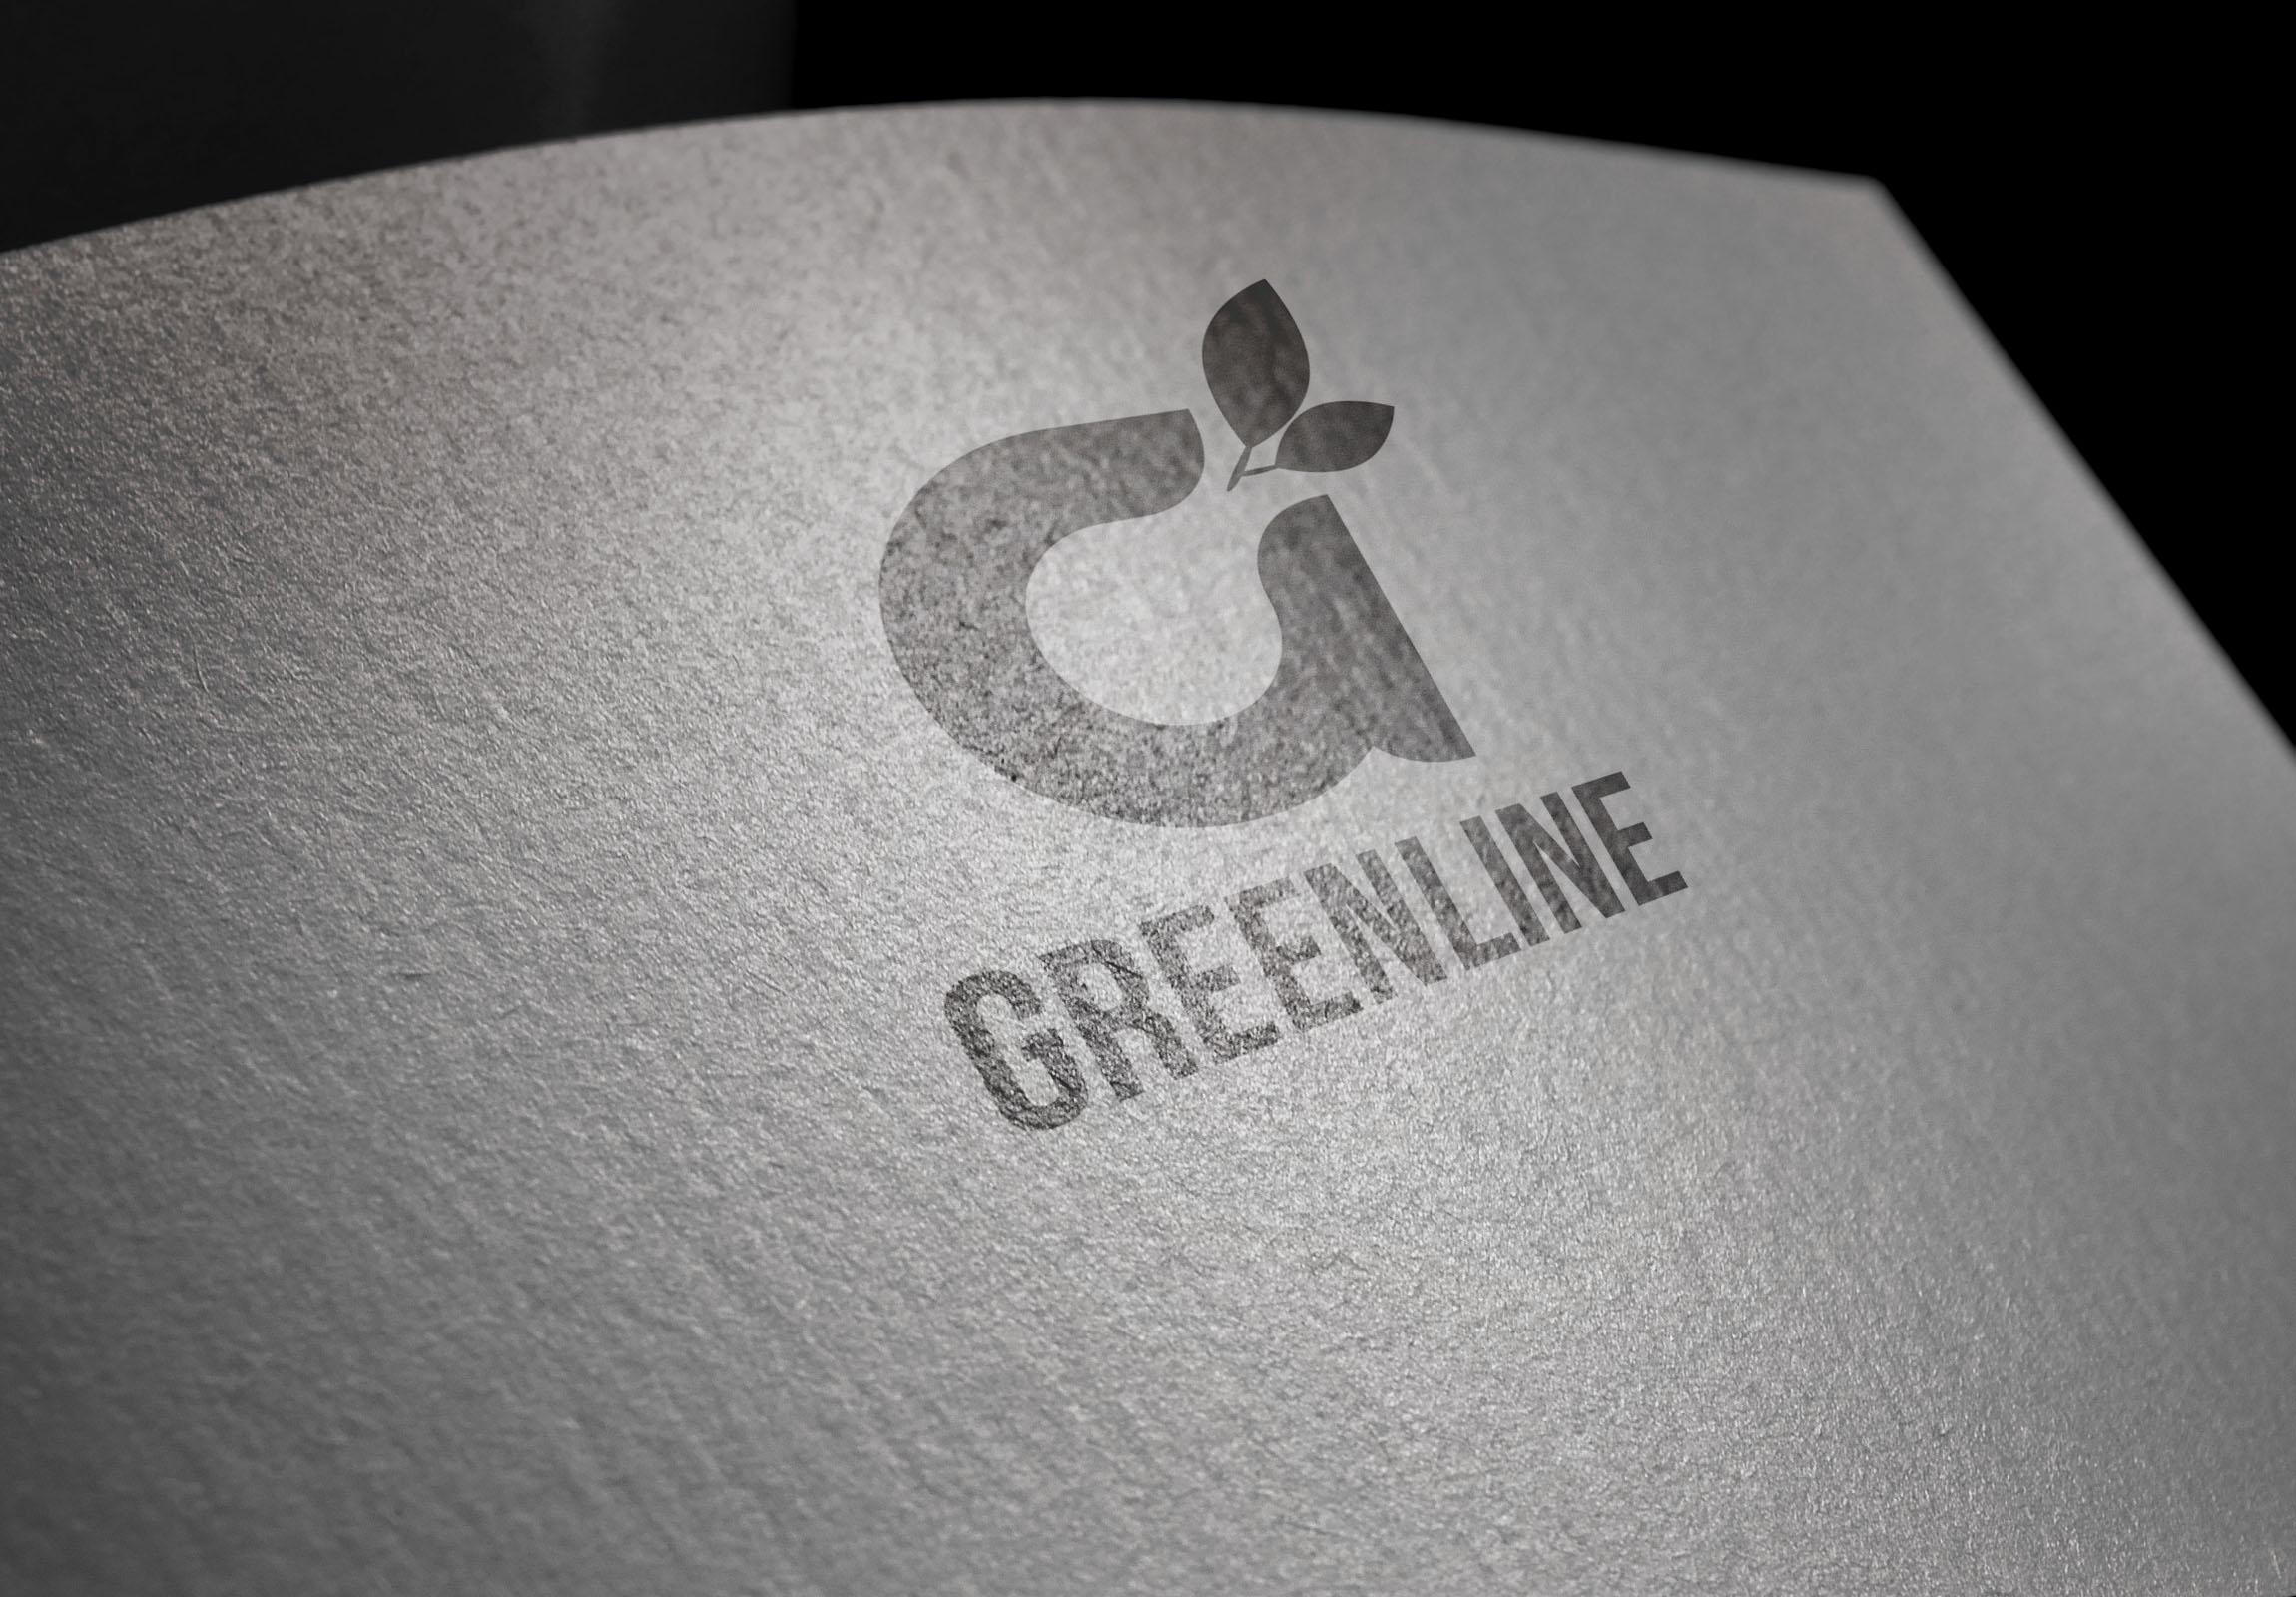 """Разработка Логотипа и фирменного стиля ООО """"Грин лайн"""" фото f_7165db40e2f6b737.jpg"""